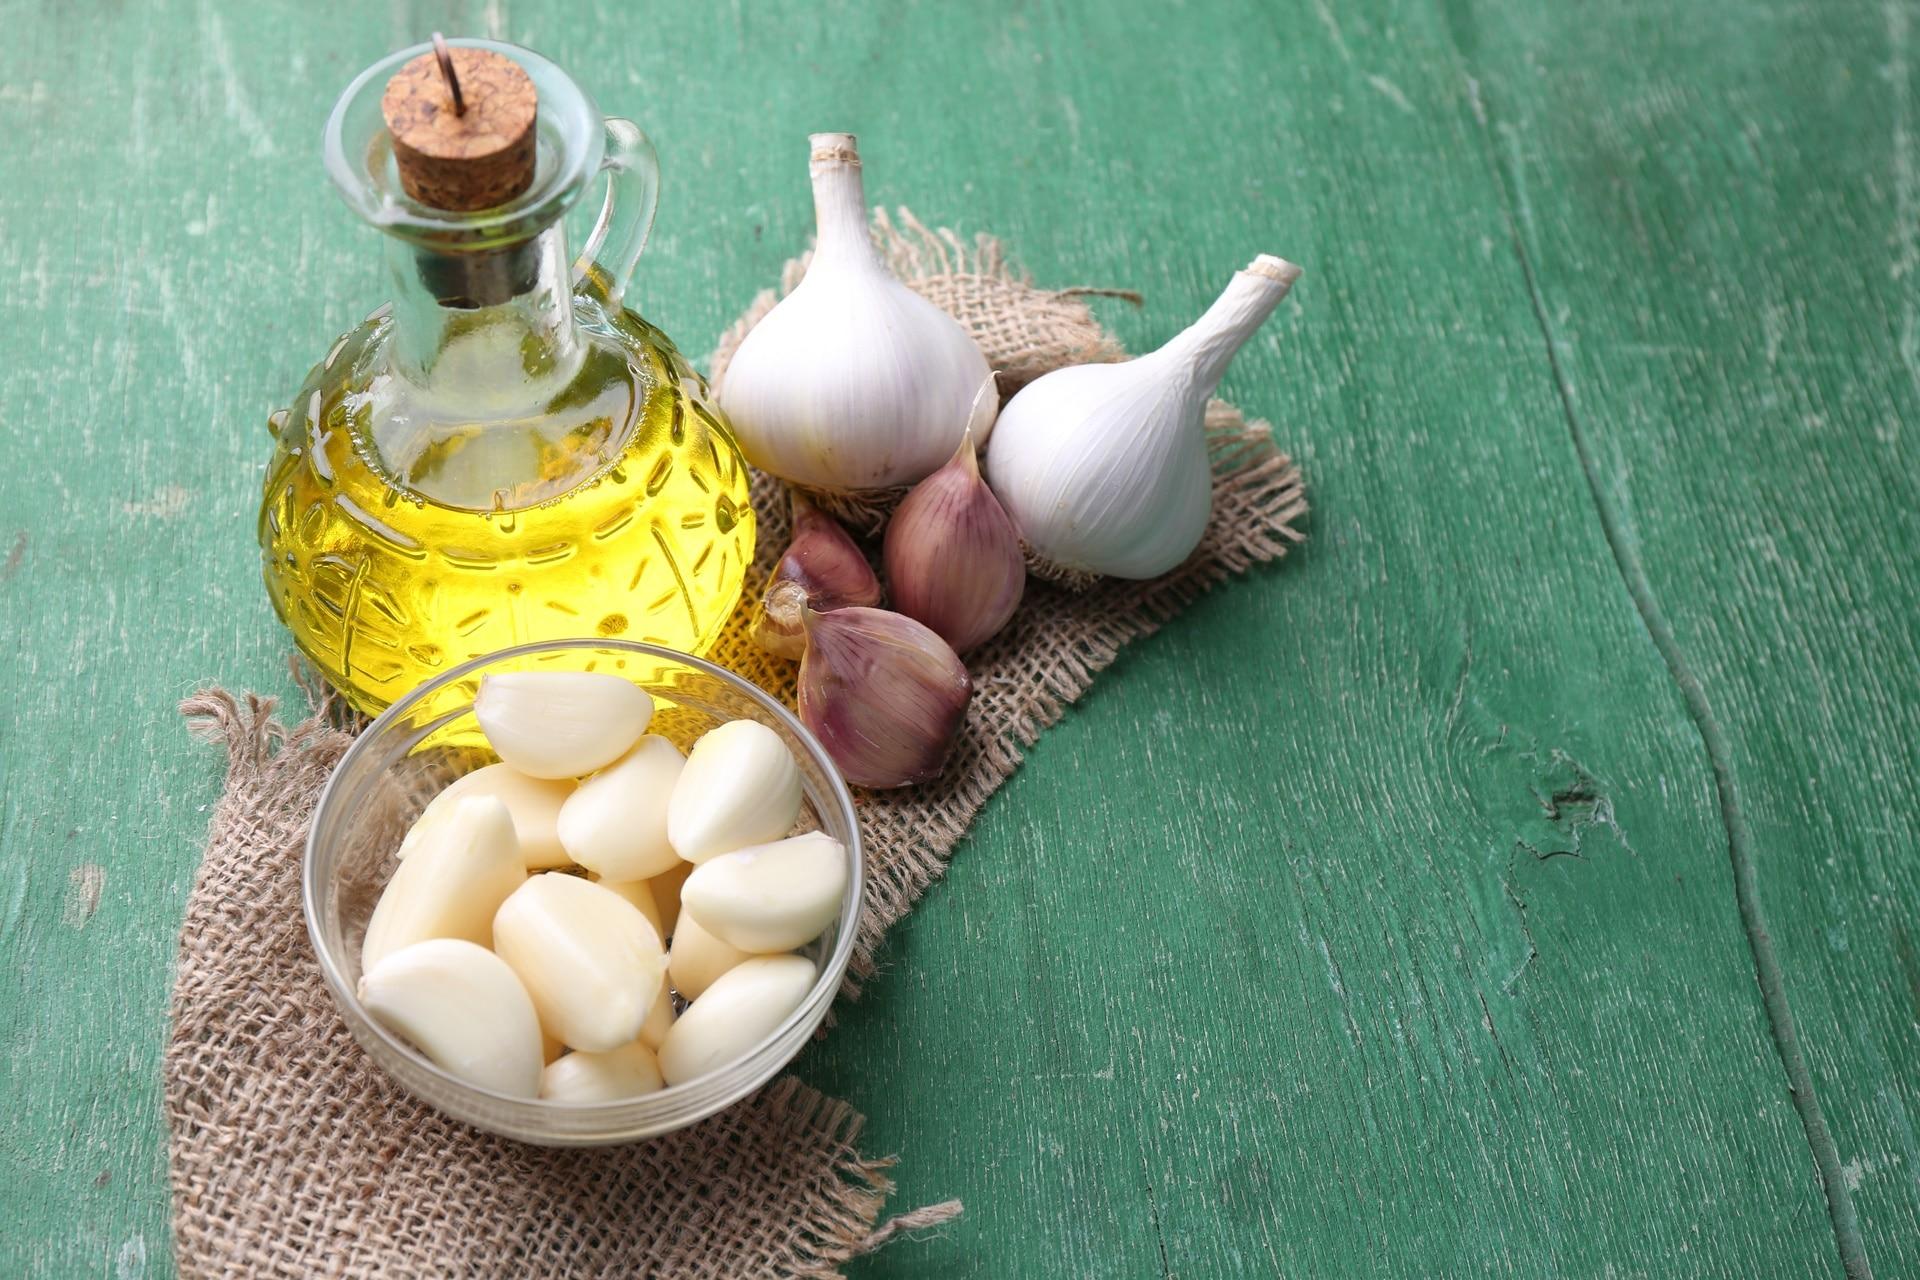 話題の健康食、ニンニクオリーブの効果と作り方を大公開します!